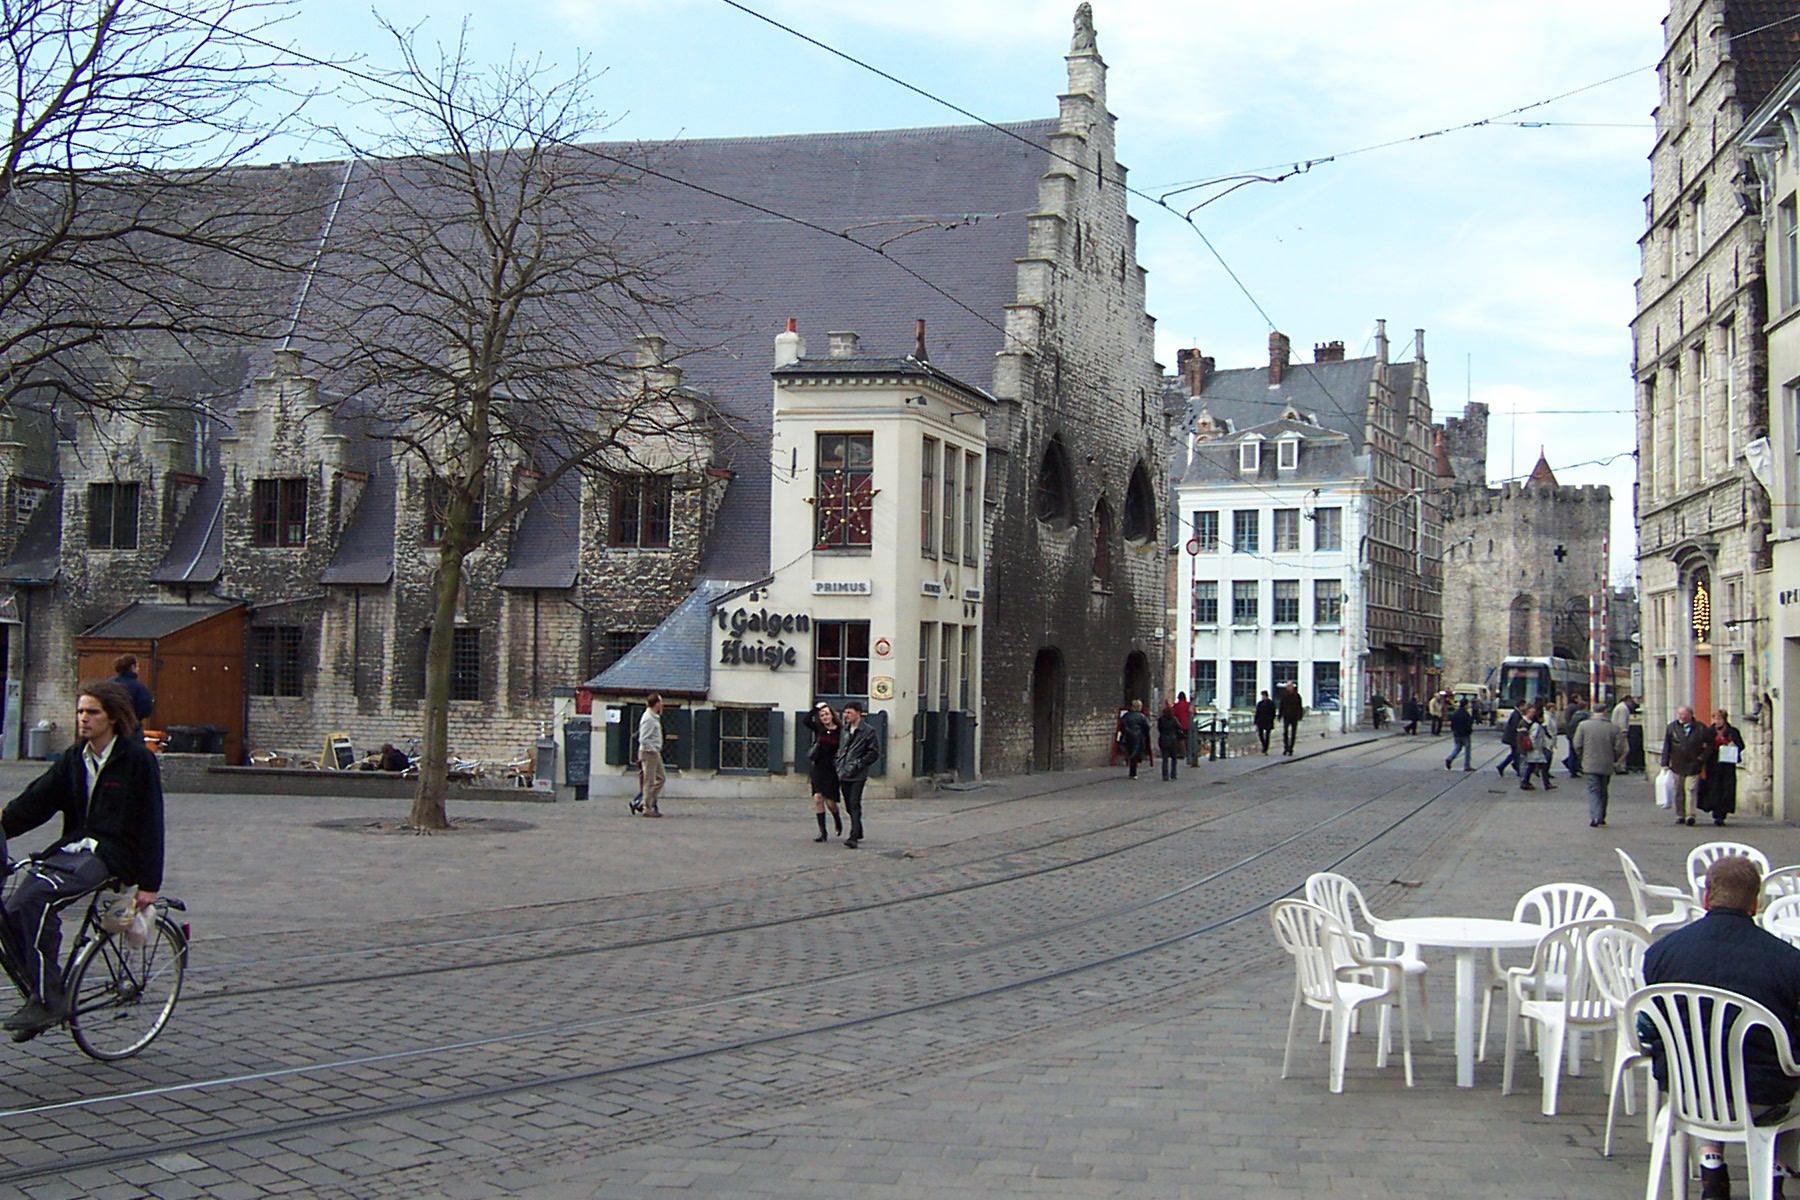 Al wandelend 10 musea ontdekken in Gent.